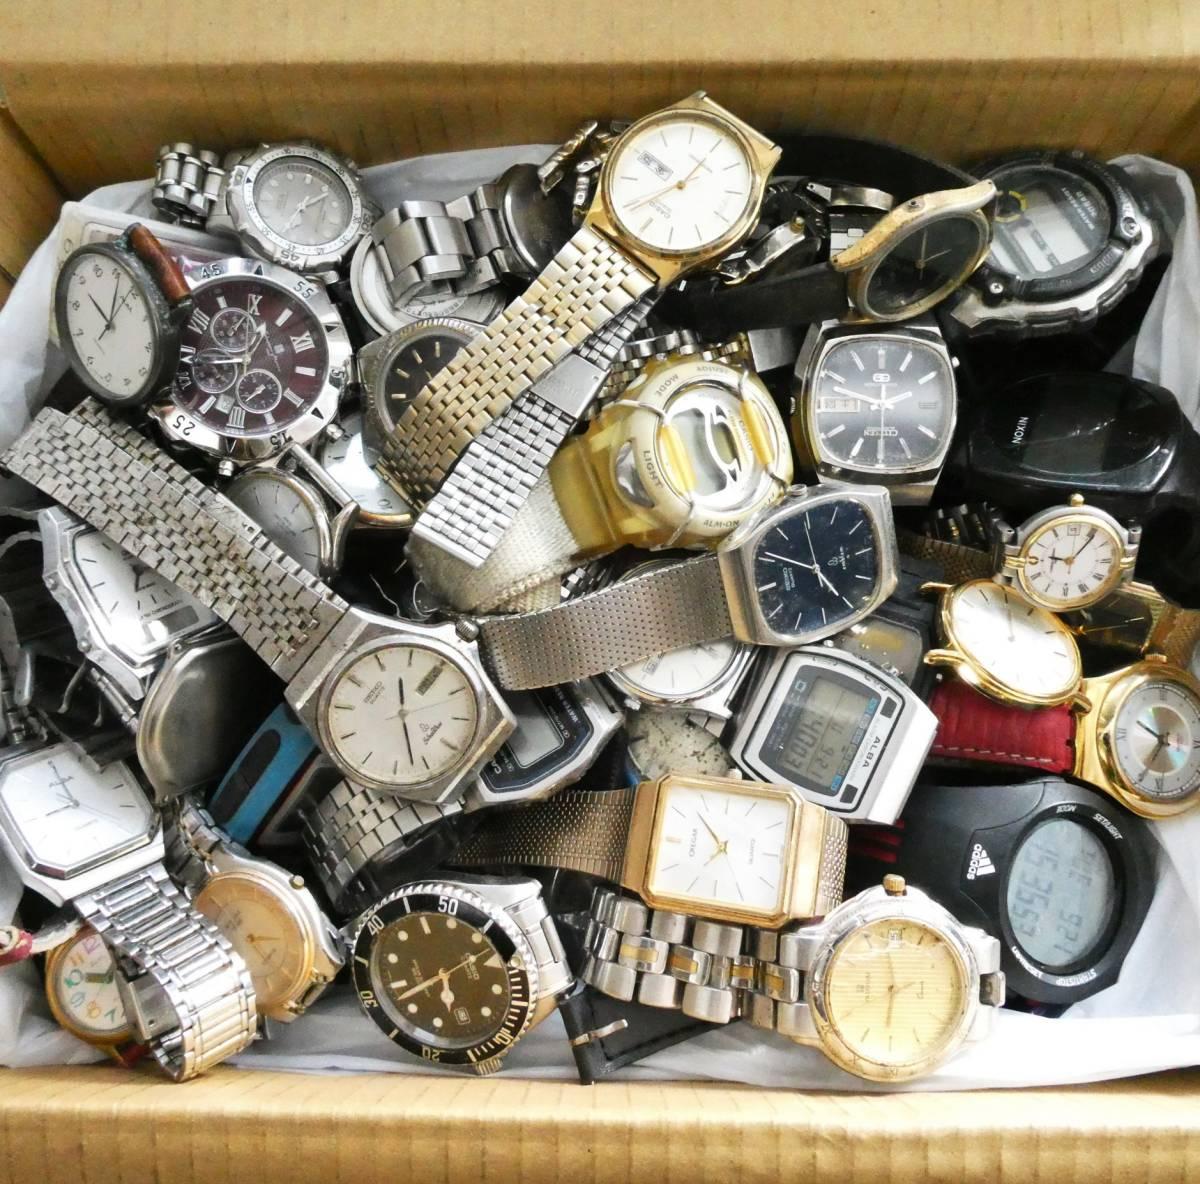 時計おまとめ☆1円~☆5.2kg位 ジャンク時計など SEIKO 手巻き CITIZEN ATTESA CASIO BABY-G WALTHAM NIXON OXY SWATCH TIMEX 部品など